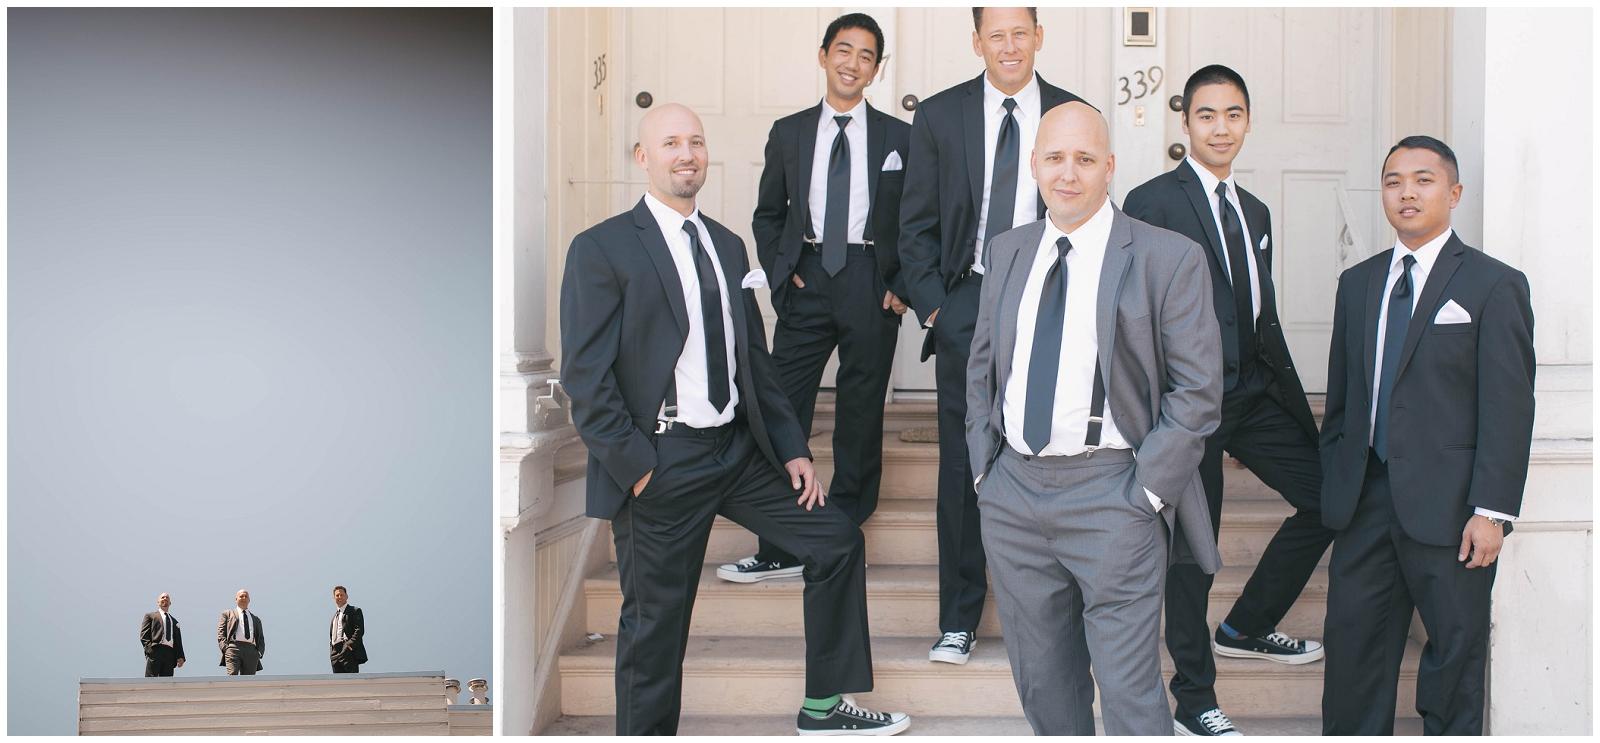 San-Francisco-Bay-Area-Wedding-Photography-Presidio-8.jpg